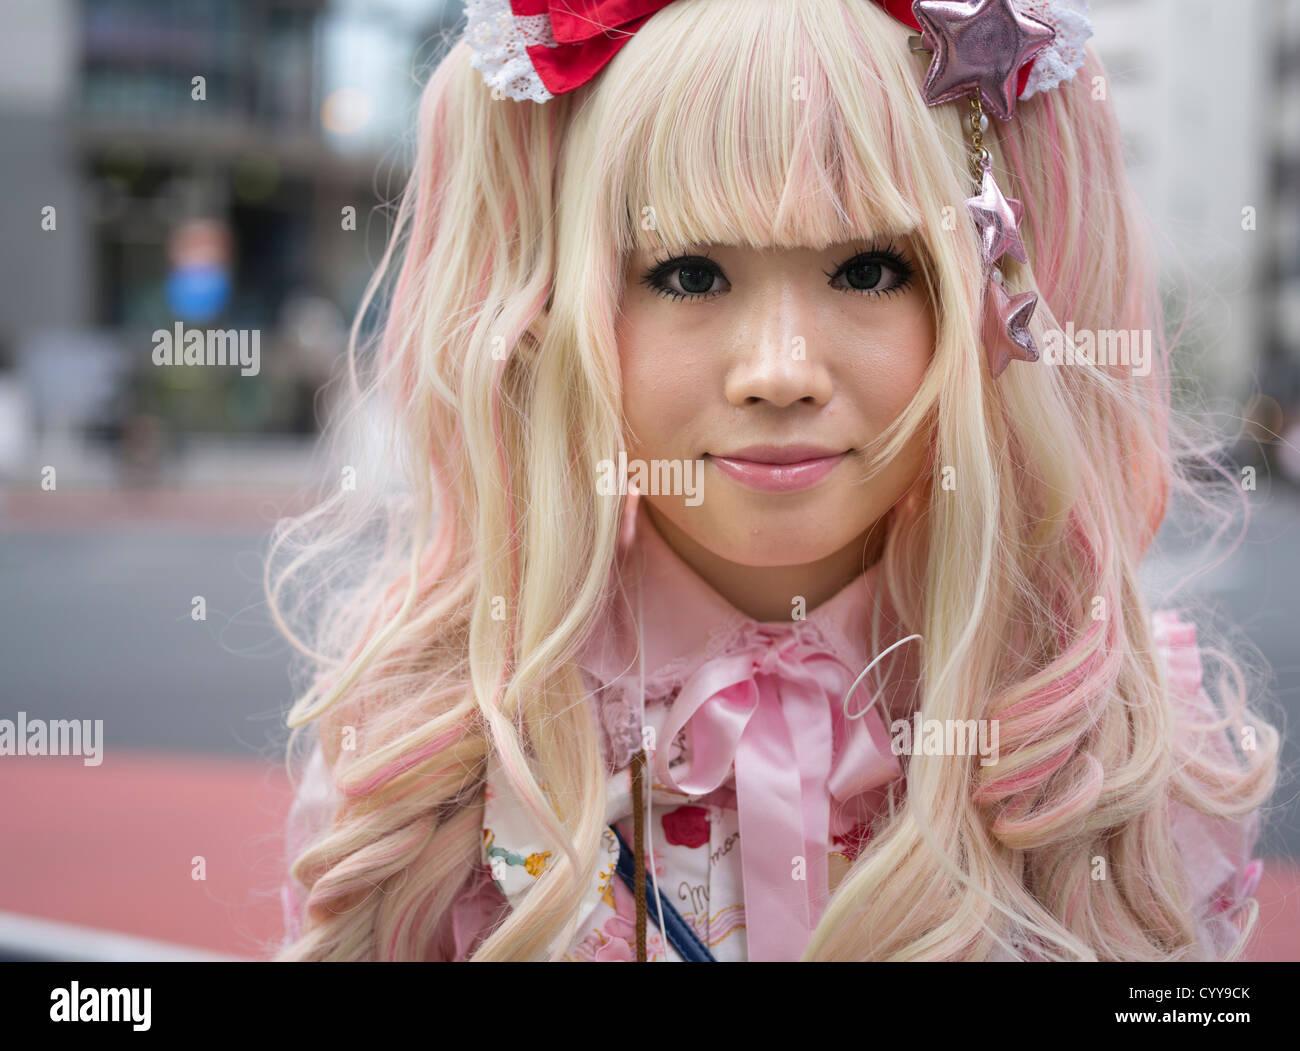 Jovencita japonesa en kawaii lolita traje de moda alternativa, con el cabello rubio y vestido rosado Imagen De Stock